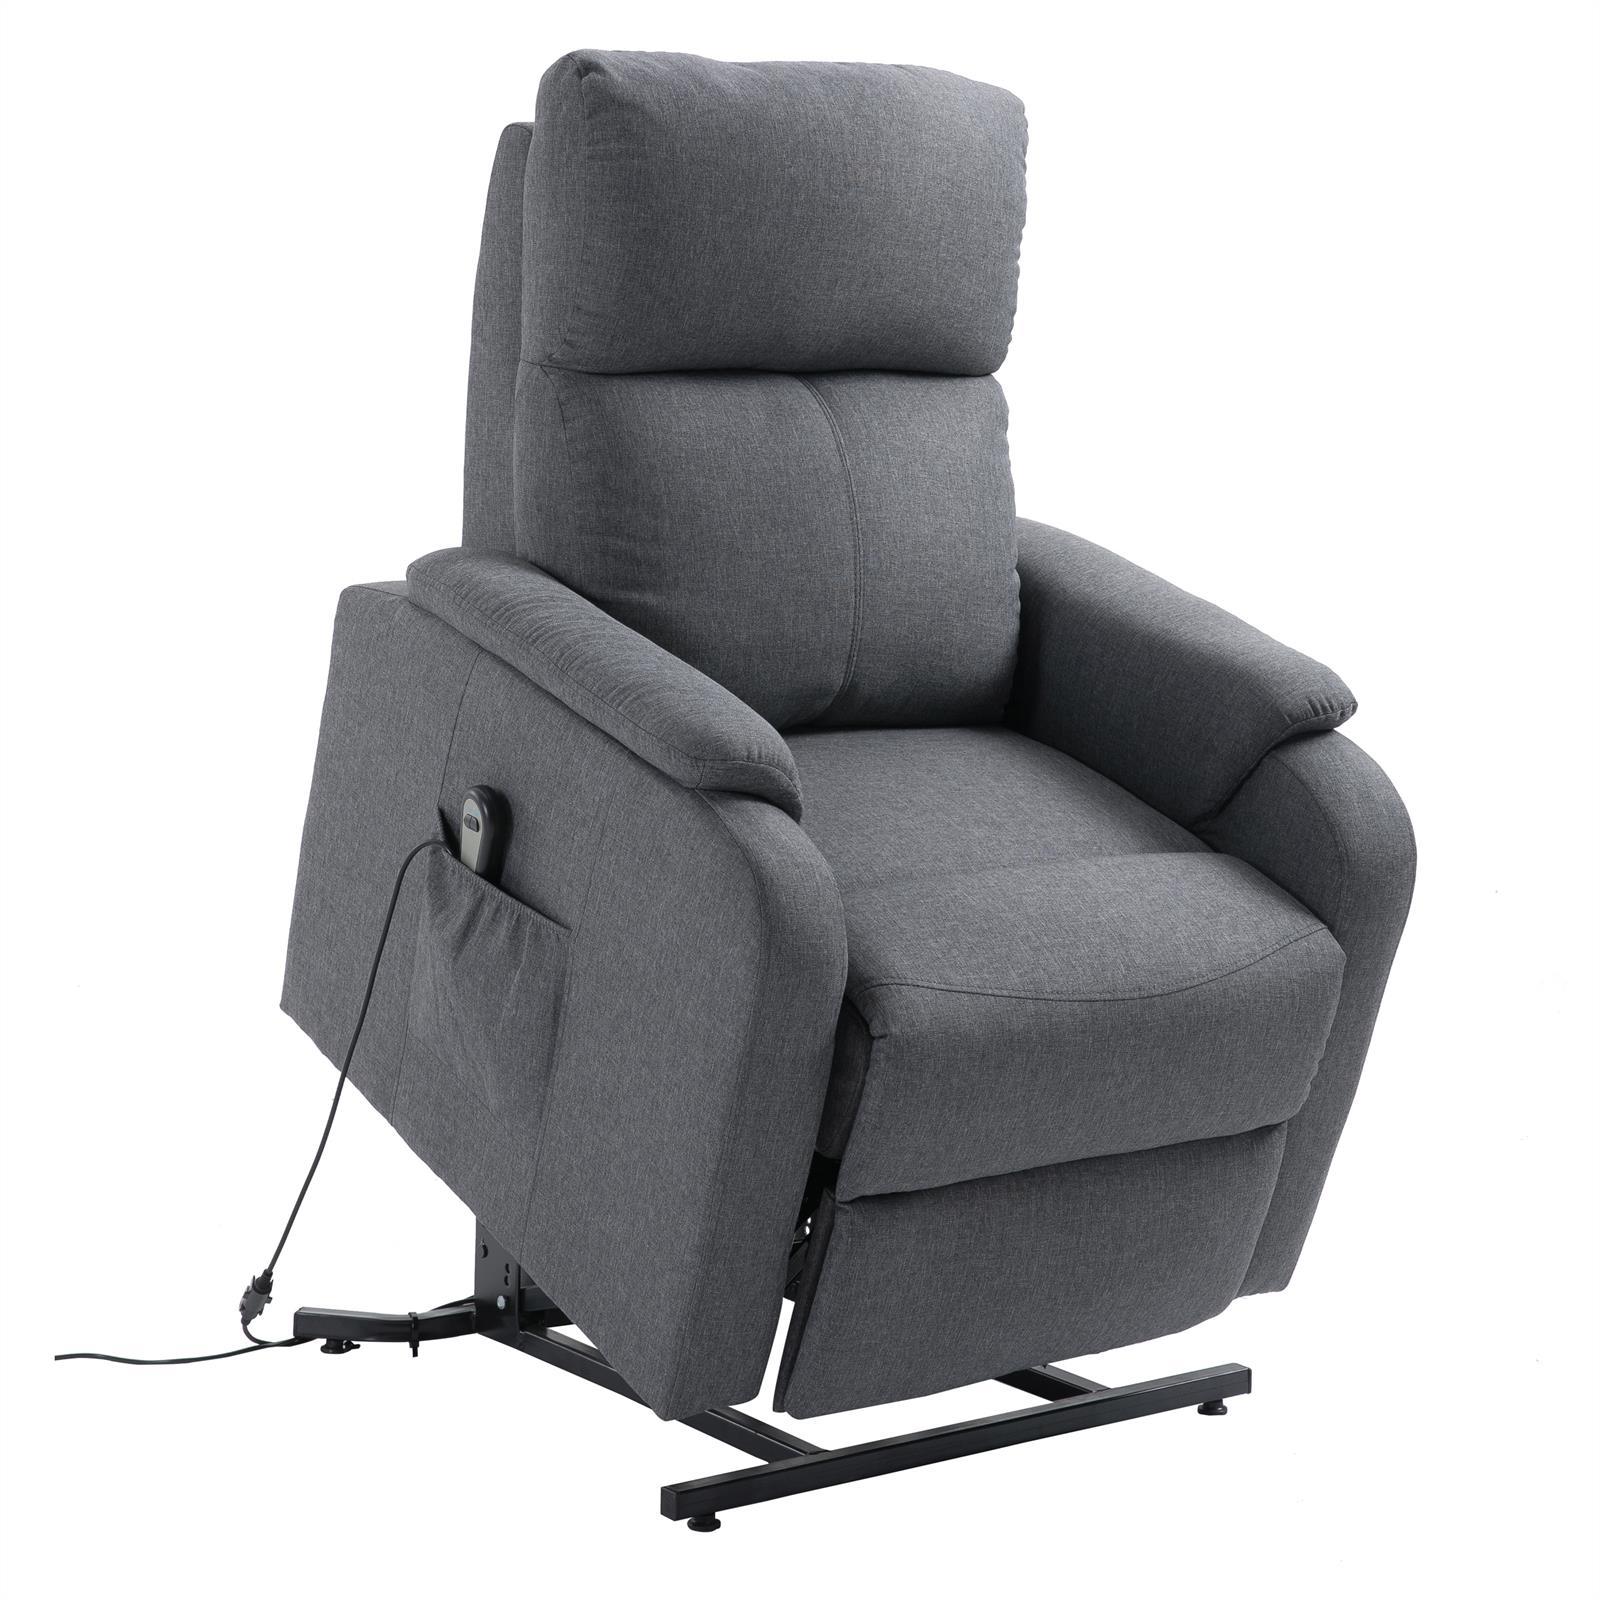 Fernsehsessel retire mit aufstehfunktion in grau caro m bel for Fernsehsessel mit stoffbezug